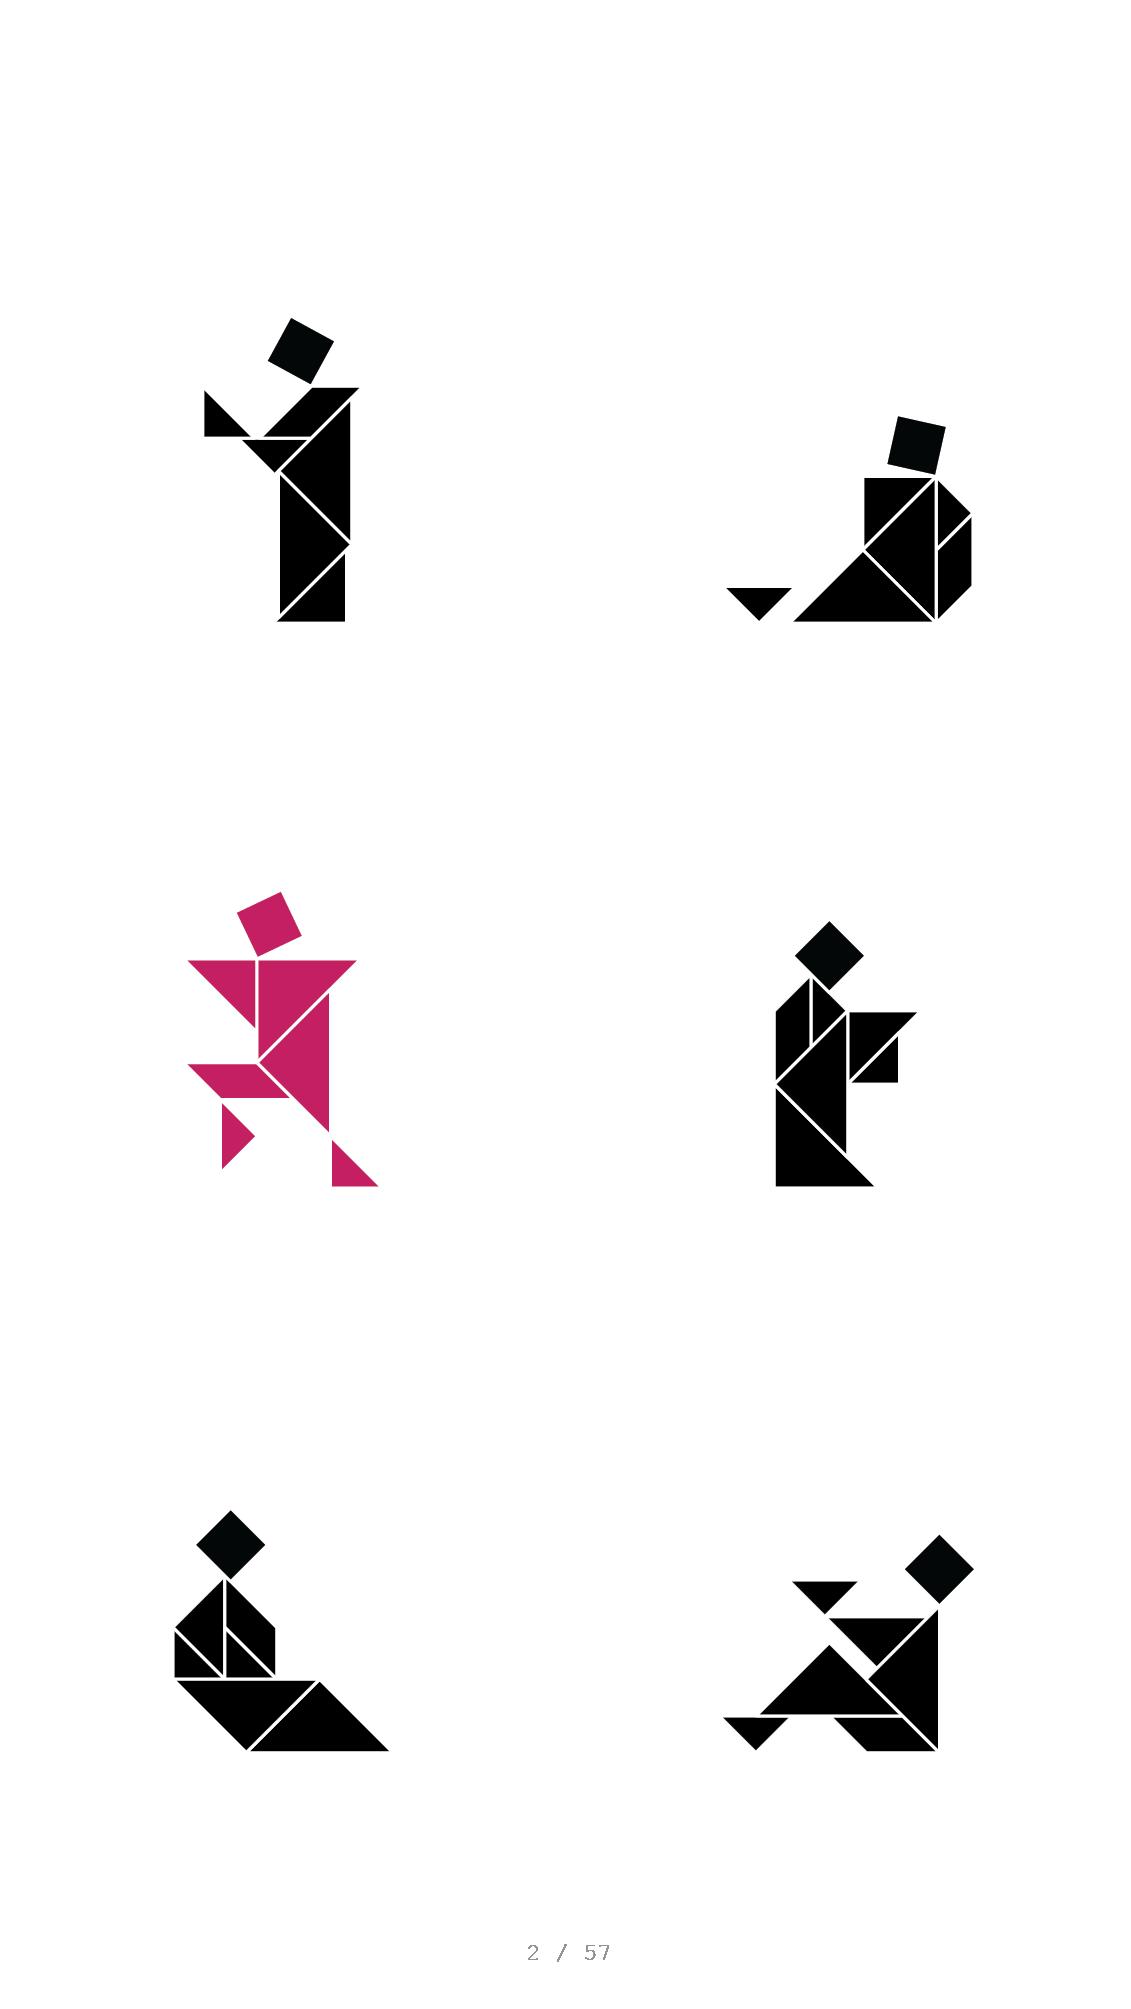 Tangram_Layout_2x3_schwarz-02